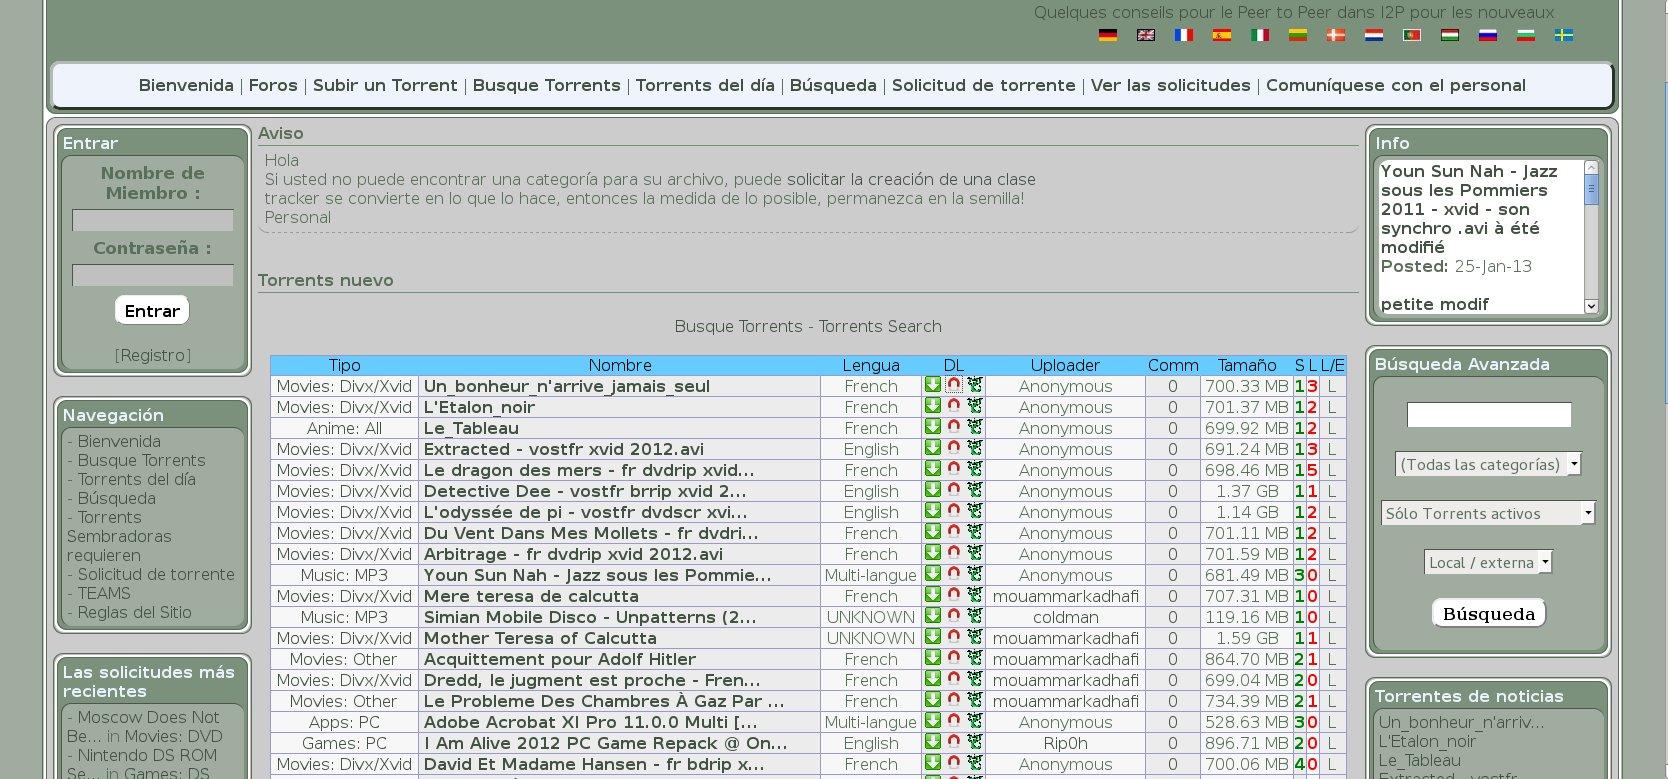 tracker_torrent